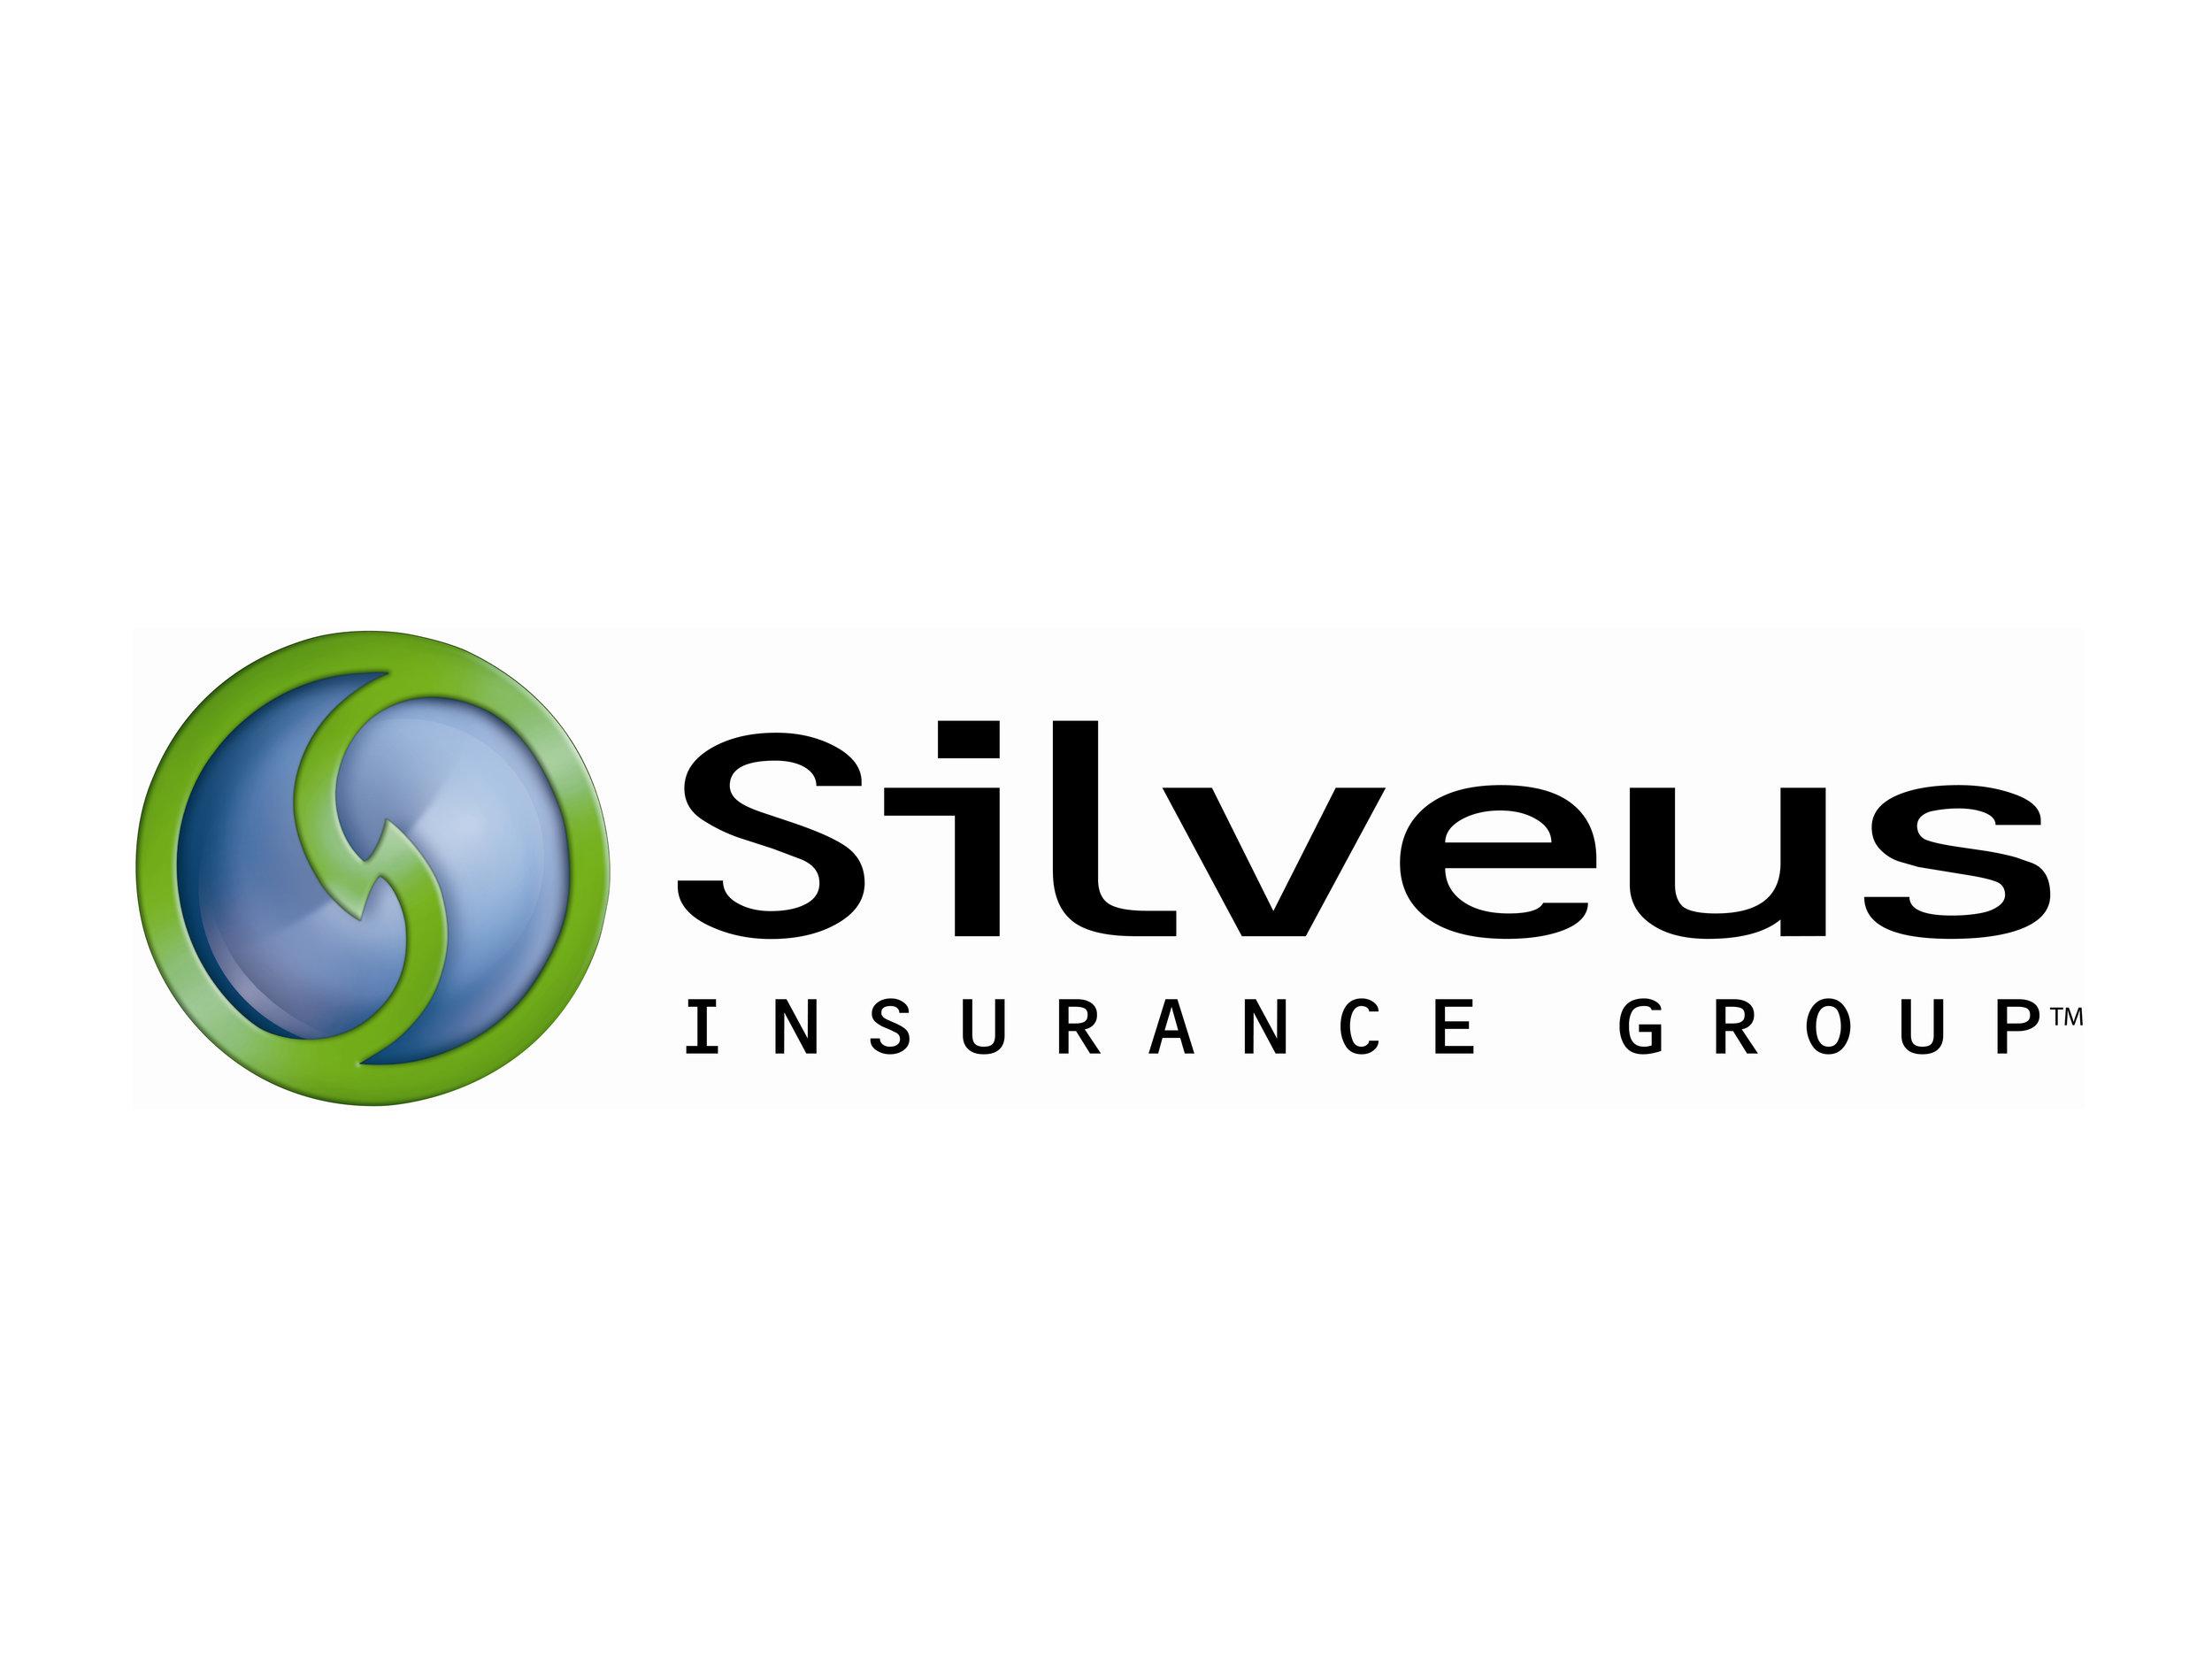 Silveus Insurance Group LOGO2.JPG